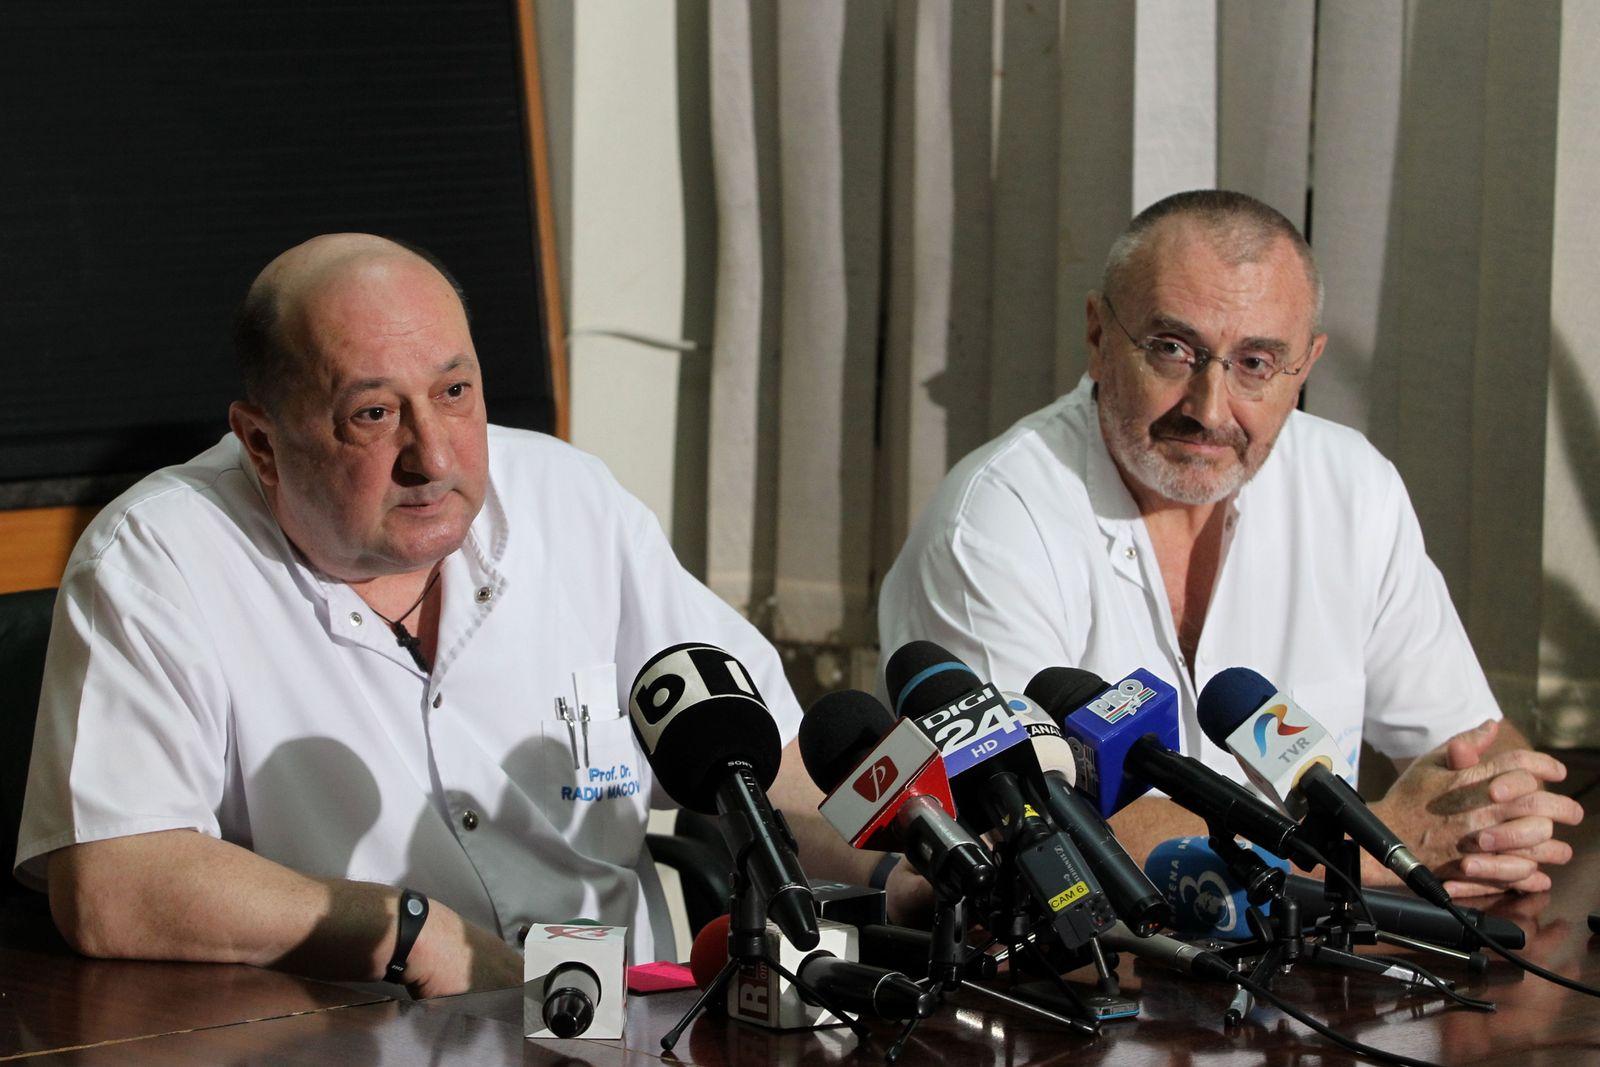 În iunie 2012, Radu Alexandru Macovei, fostul director de la Floreasca, și Ioan Lascăr, fostul șef al secției de chirurgie plastică, explicau opiniei publice grija arătată pentru rănile lui Adrian Năstase, acoperite cu celebra eșarfă Burberry. Trei ani mai târziu, găsindu-se în aceleași funcții, Macovei și Lascăr au făcut echipă în încercarea de mușamalizare a cazului unității de mari arși, nefuncțională la accidentul de la Colectiv, deși fusese inaugurată cu șapte luni în urmă. FOTO: Silviu Matei/Mediafax.